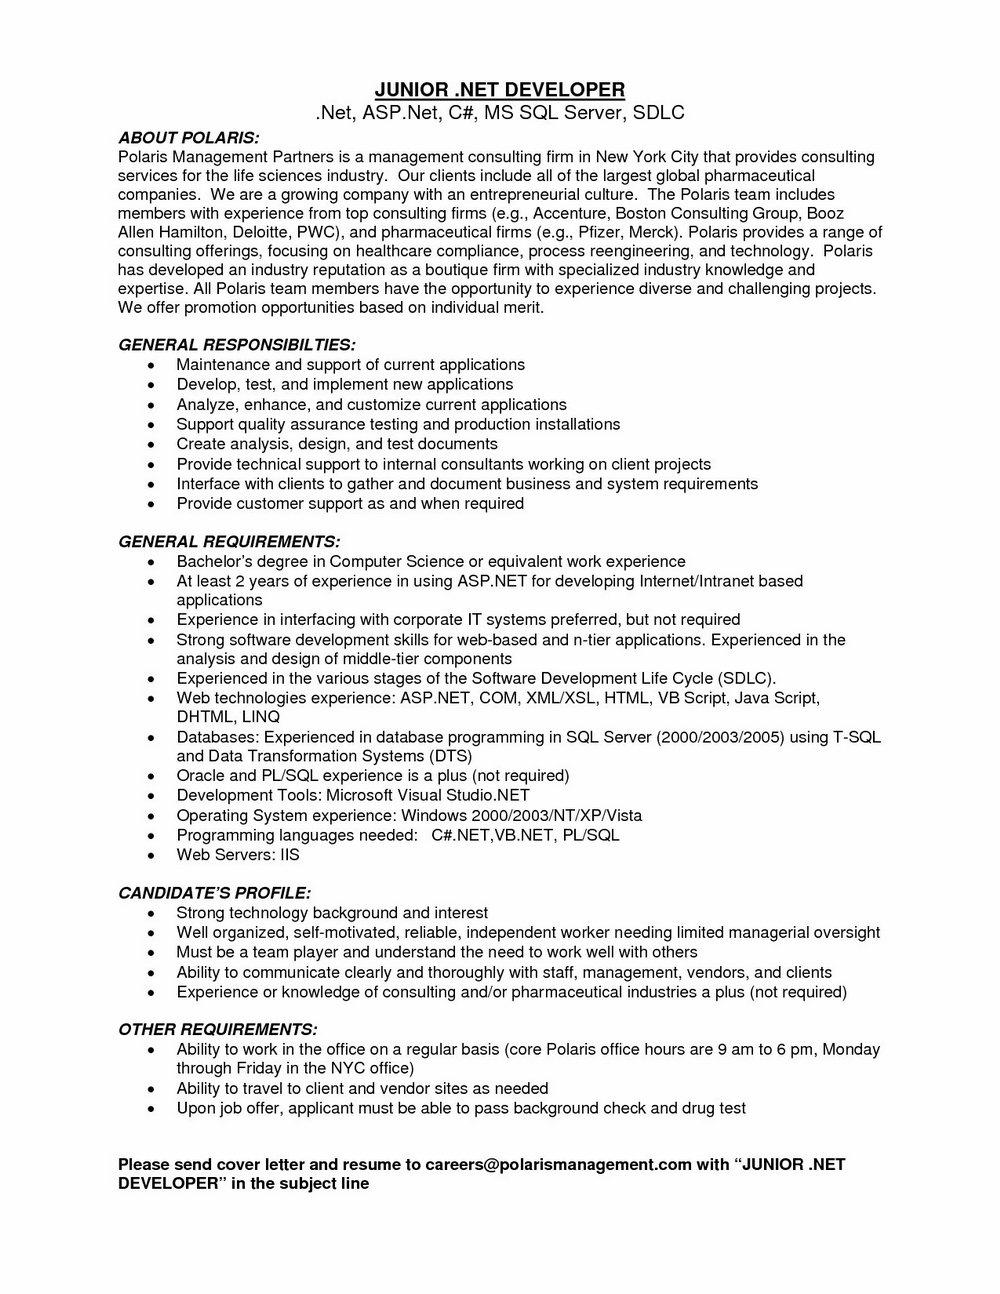 Sample Resume For Dot Net Developer Experience 8 Years